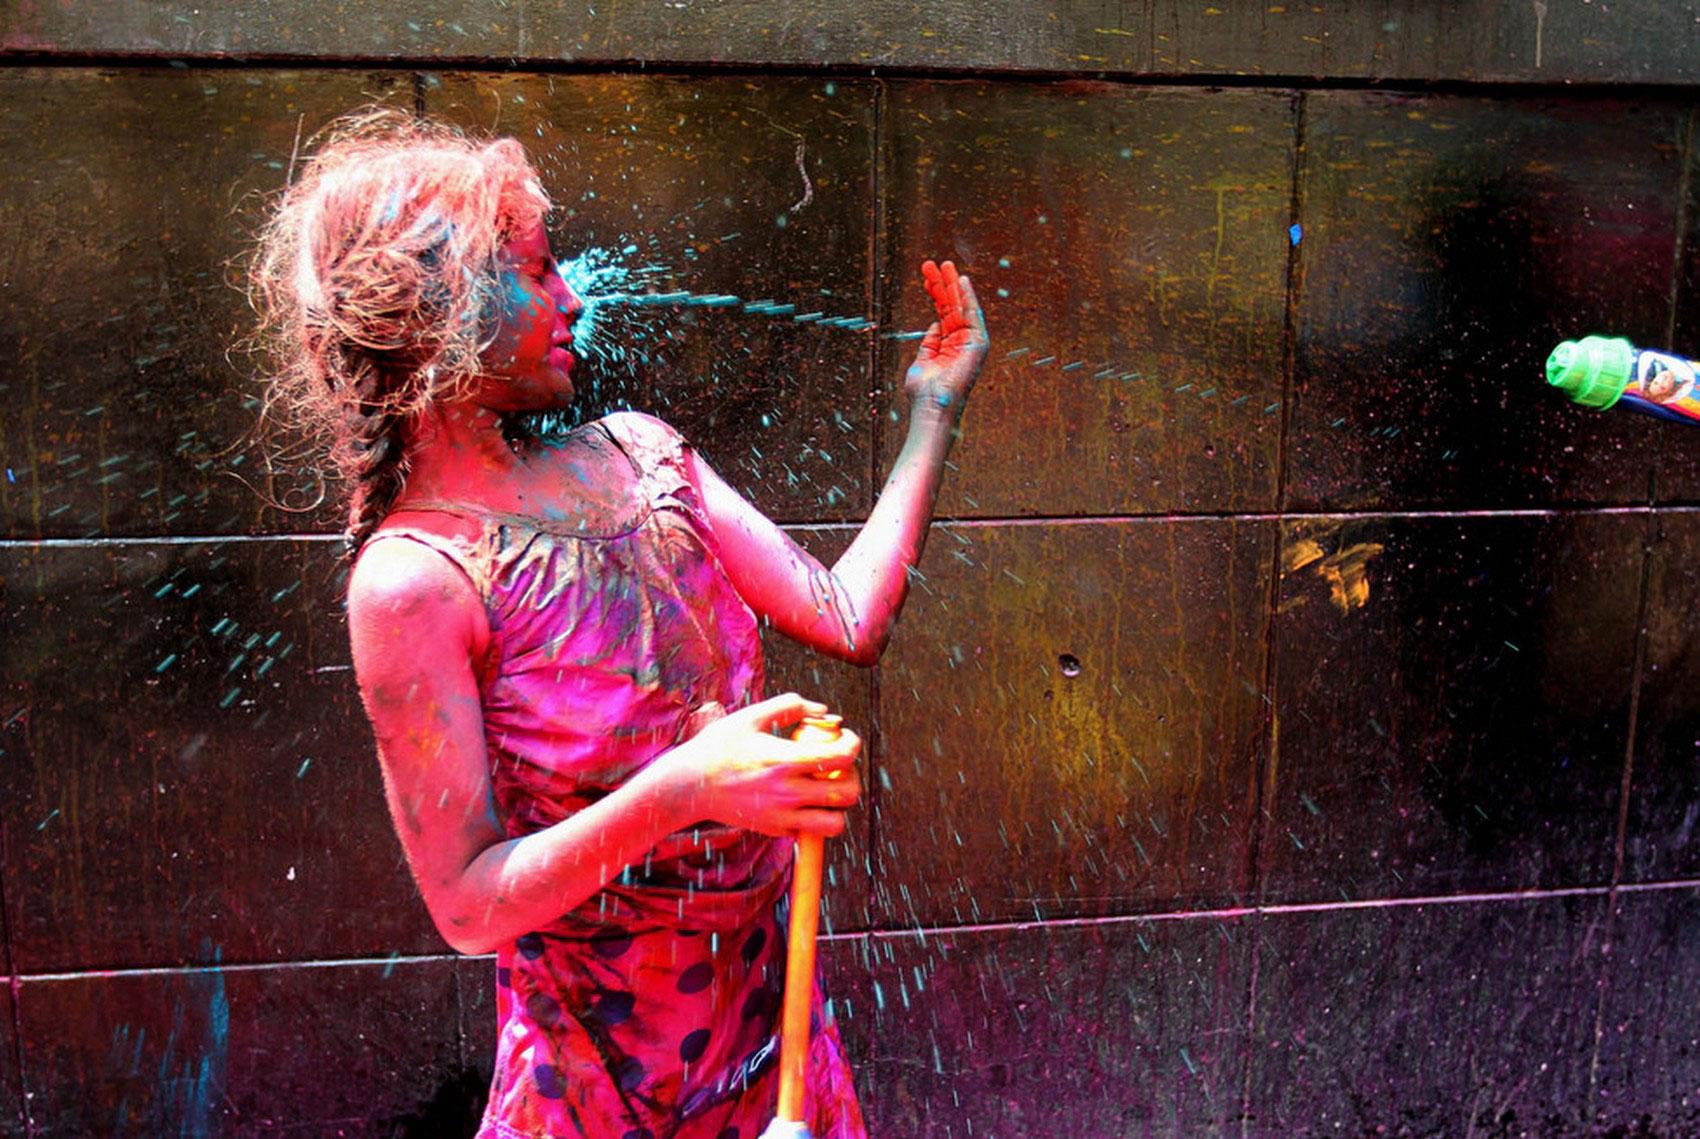 струя красок летит в человека